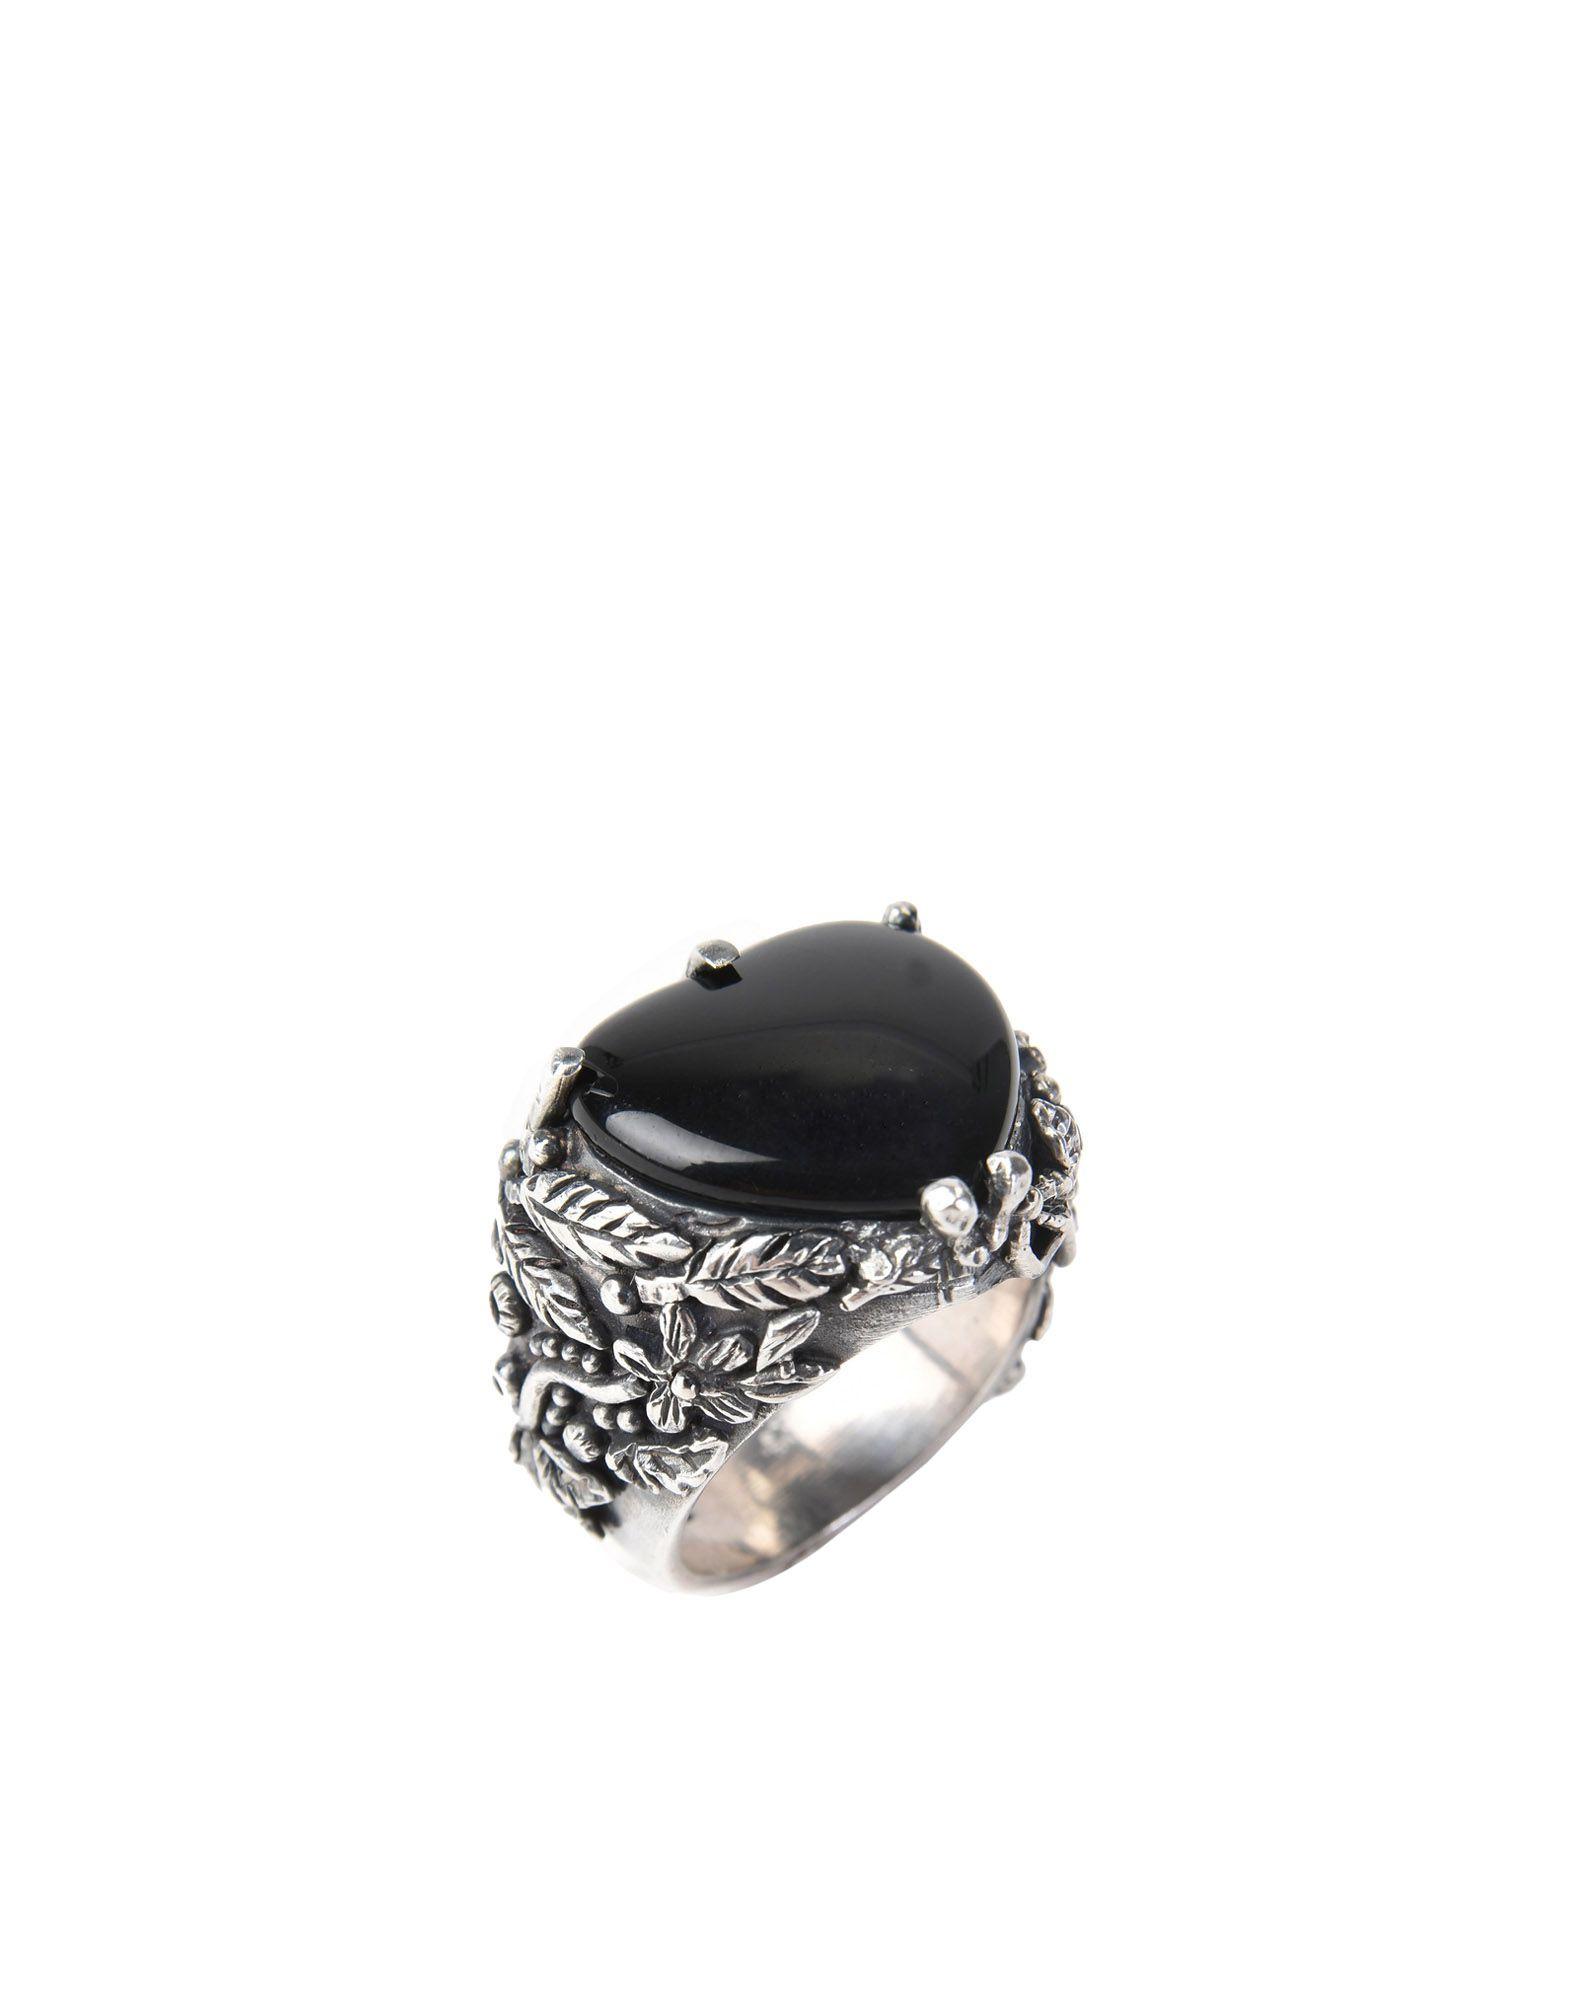 《セール開催中》FIRST PEOPLE FIRST レディース 指輪 ブラック 16 シルバー925/1000 / オニキス Anello Cuore Floreale